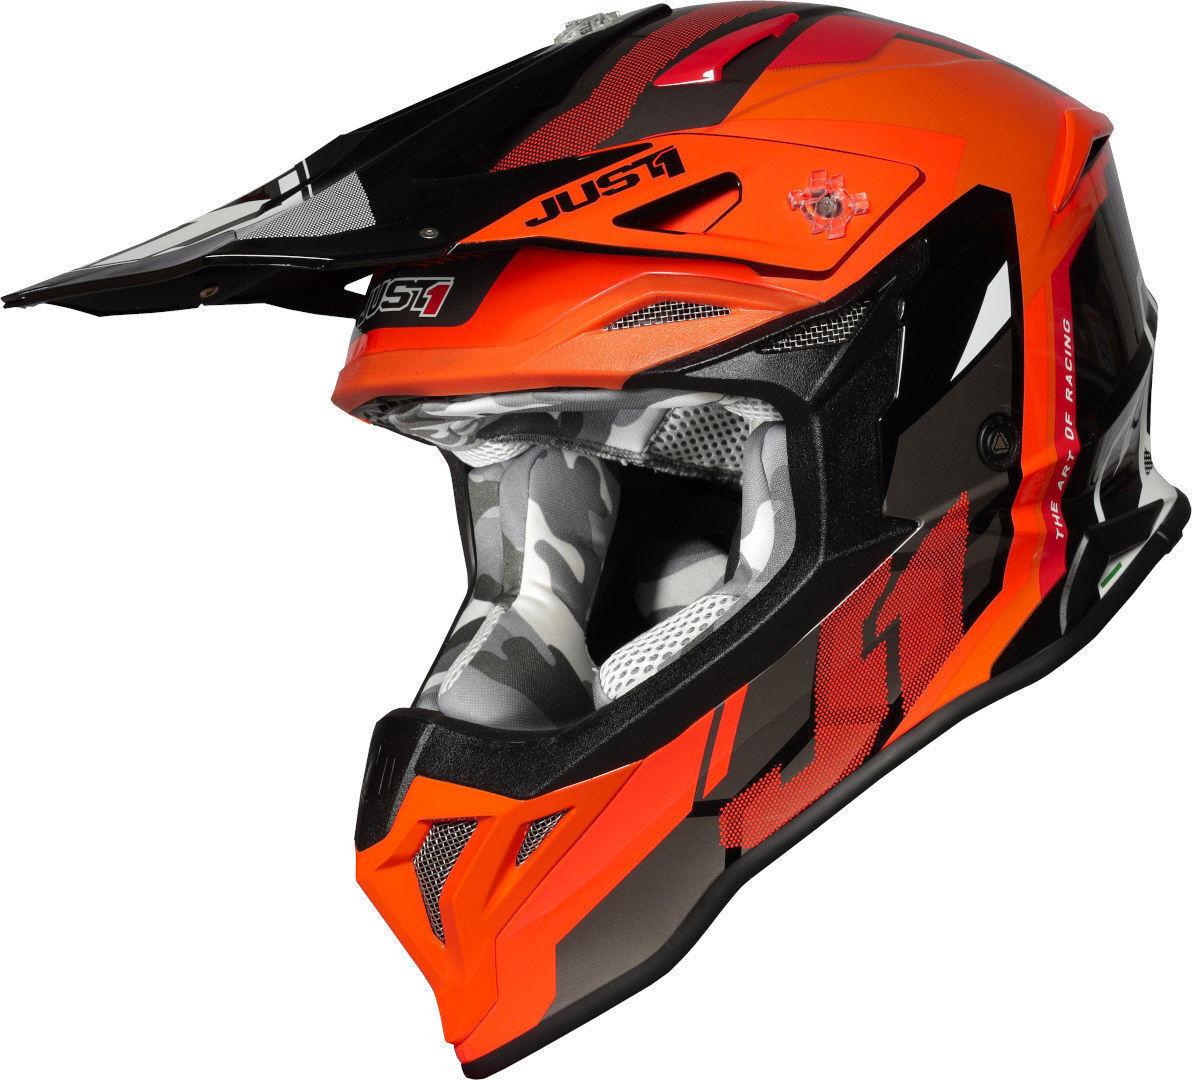 Just1 J39 Reactor Motocross kypärä  - Musta Oranssi - Size: M